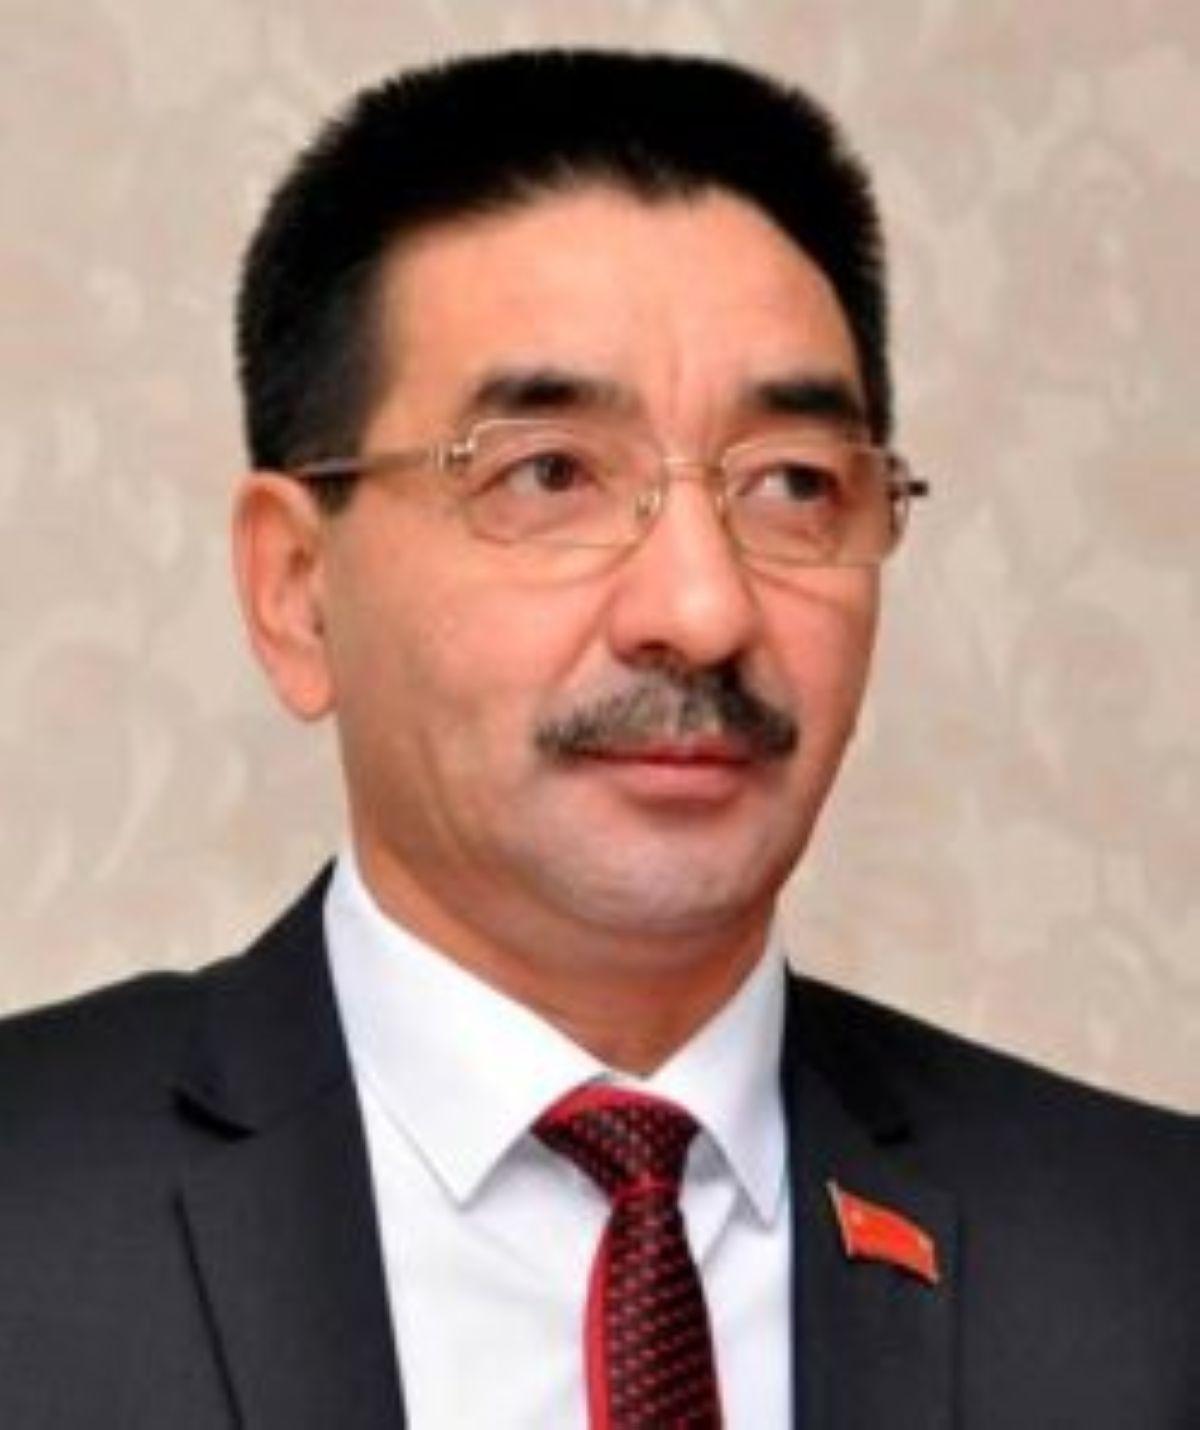 Axmetbekov